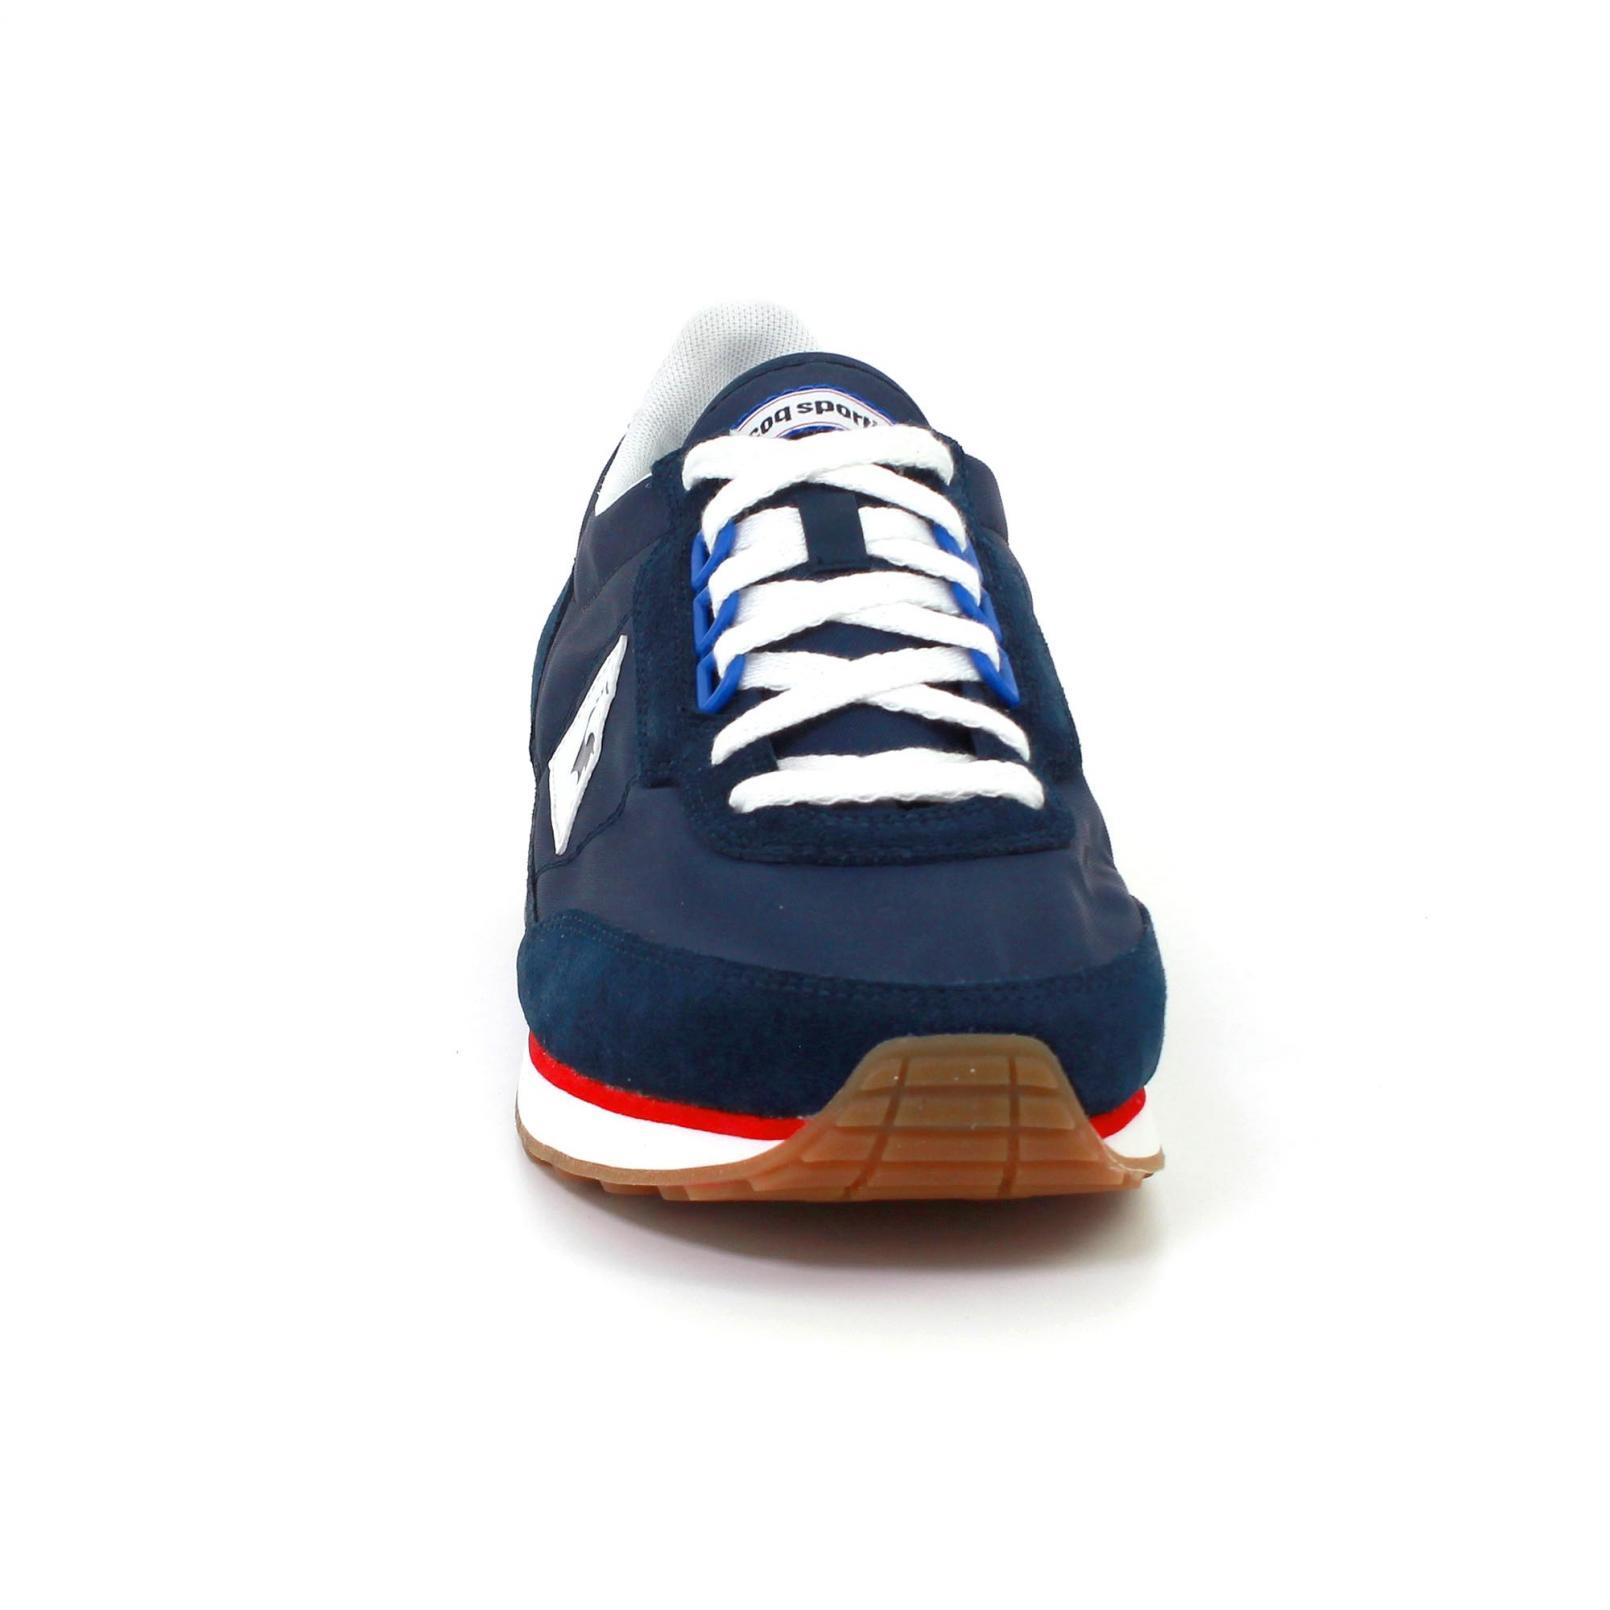 Shoes – Le Coq Sportif Azstyle Gum Blue/Red